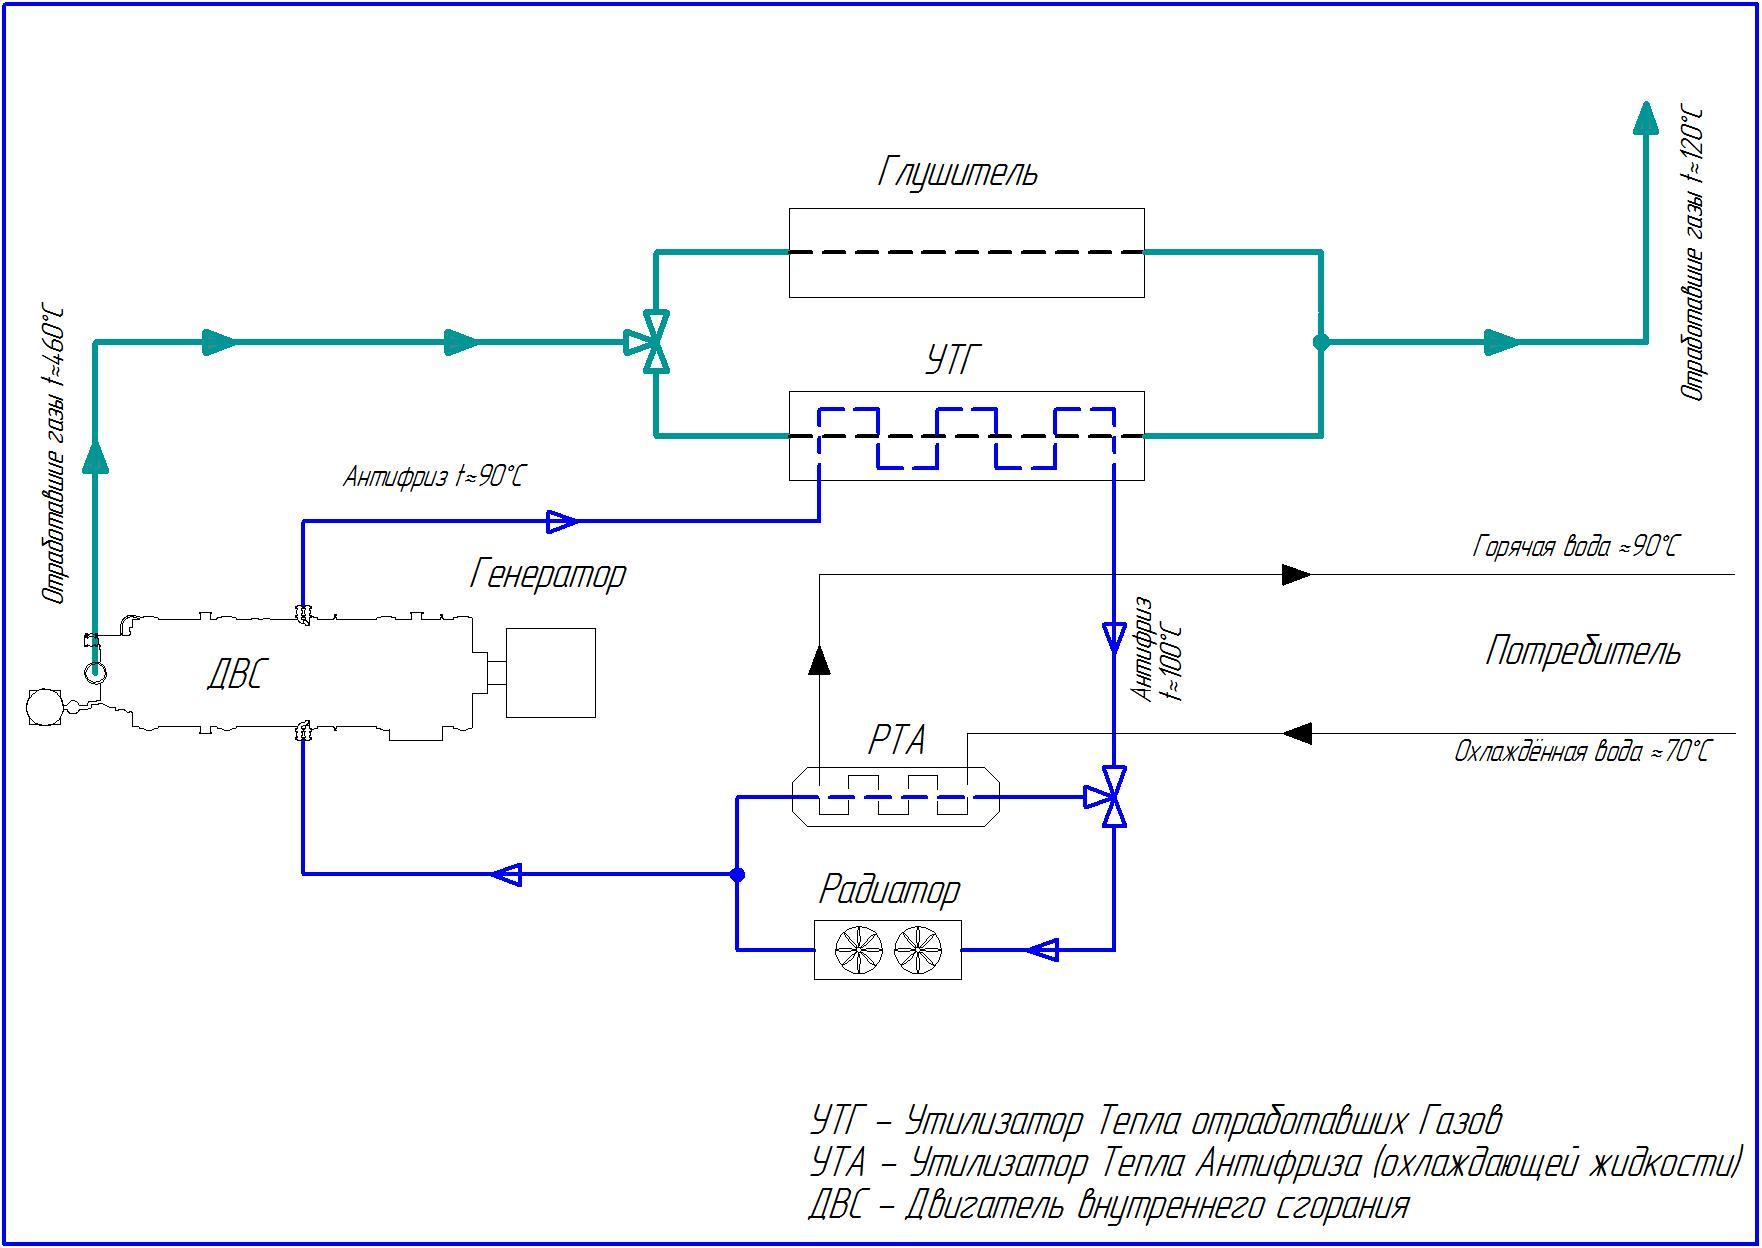 Утилизатор тепла антифриза газопоршневой установки 650 кВт